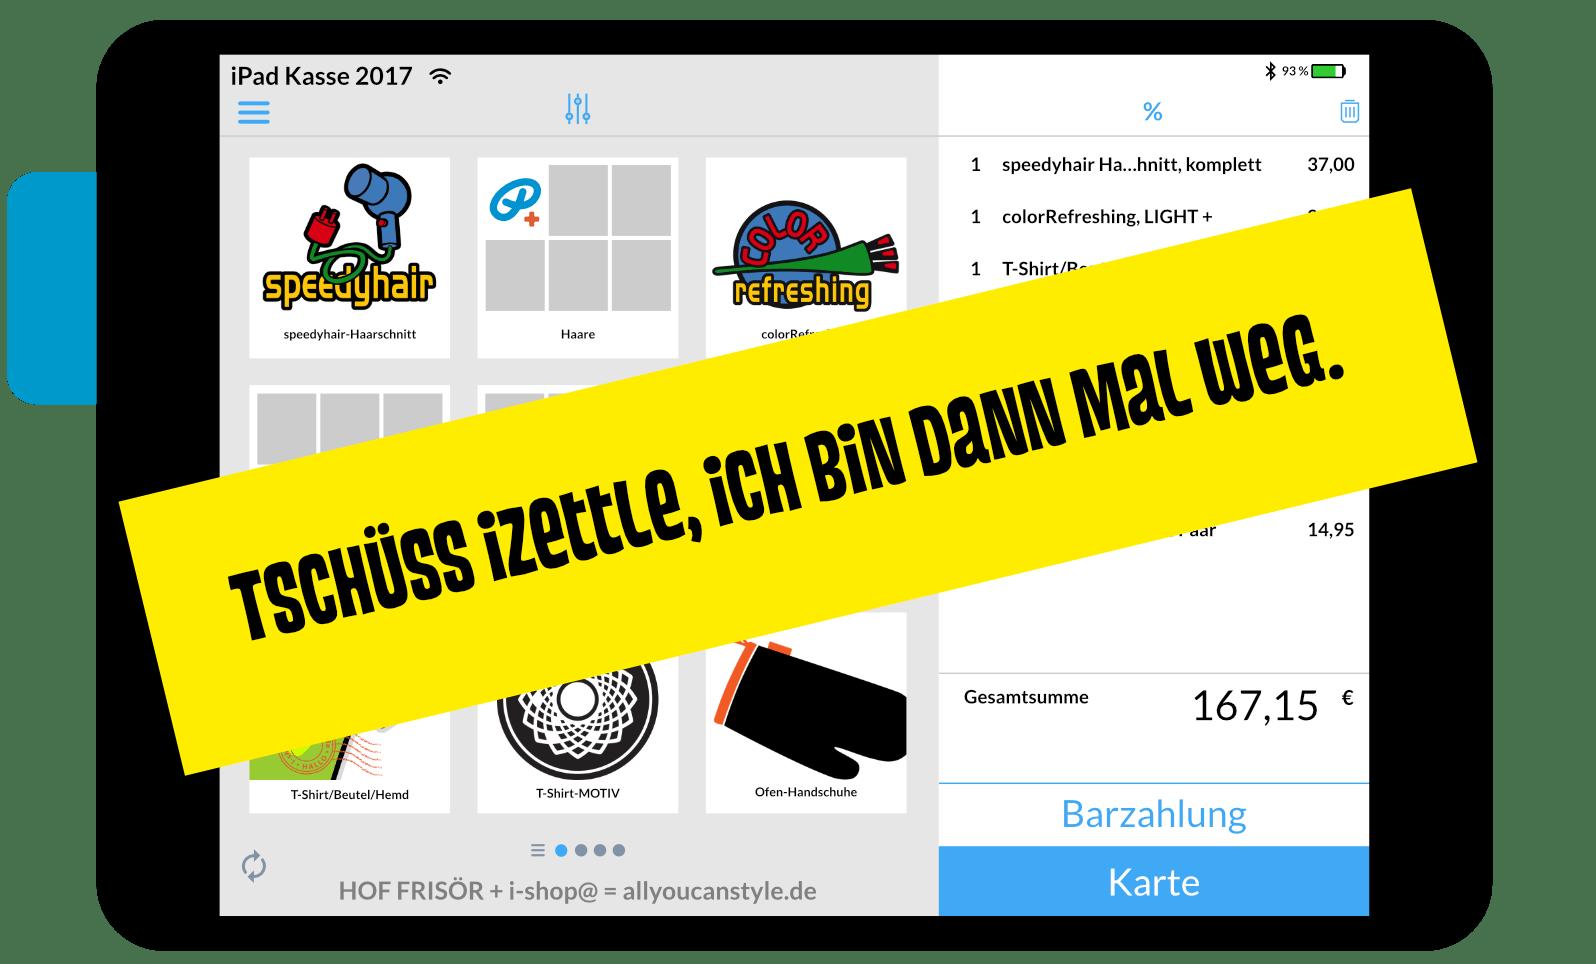 """März 2018 — HOF FRISÖR will diese Kasse nicht mehr haben: """"Tschüß iZettle, ich bin dann mal weg."""""""